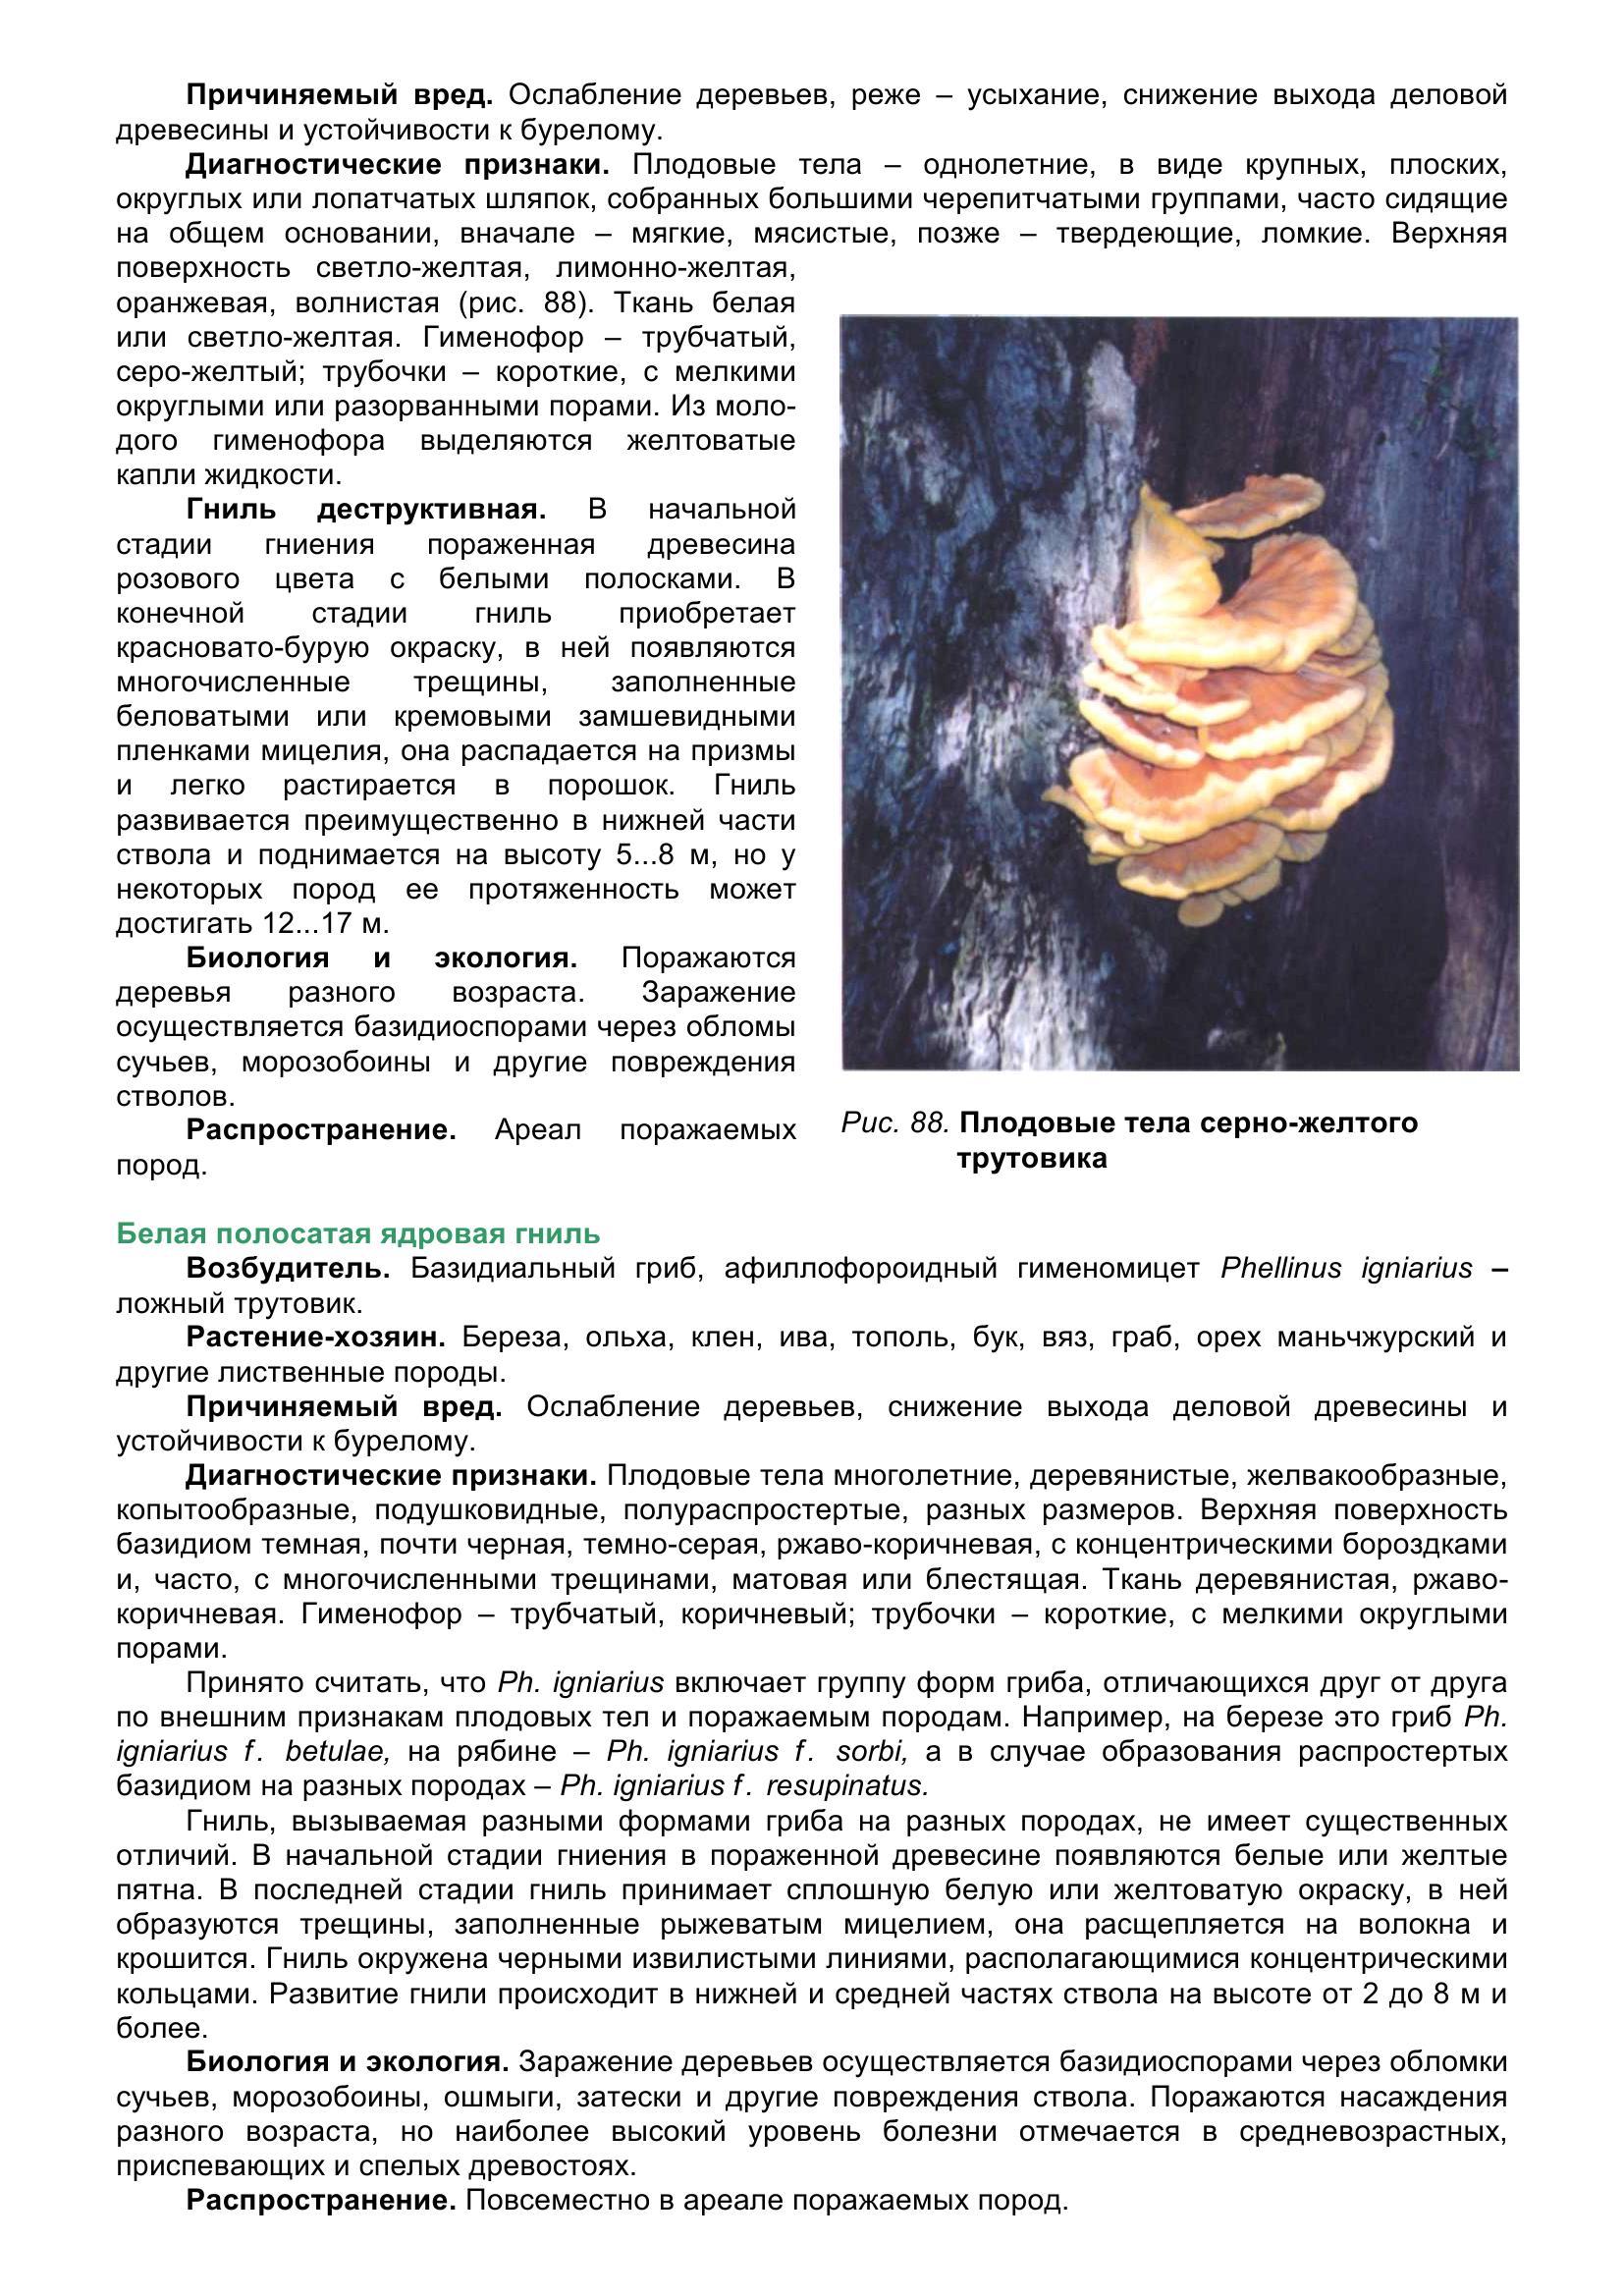 Болезни_древесных_растений_098.jpg